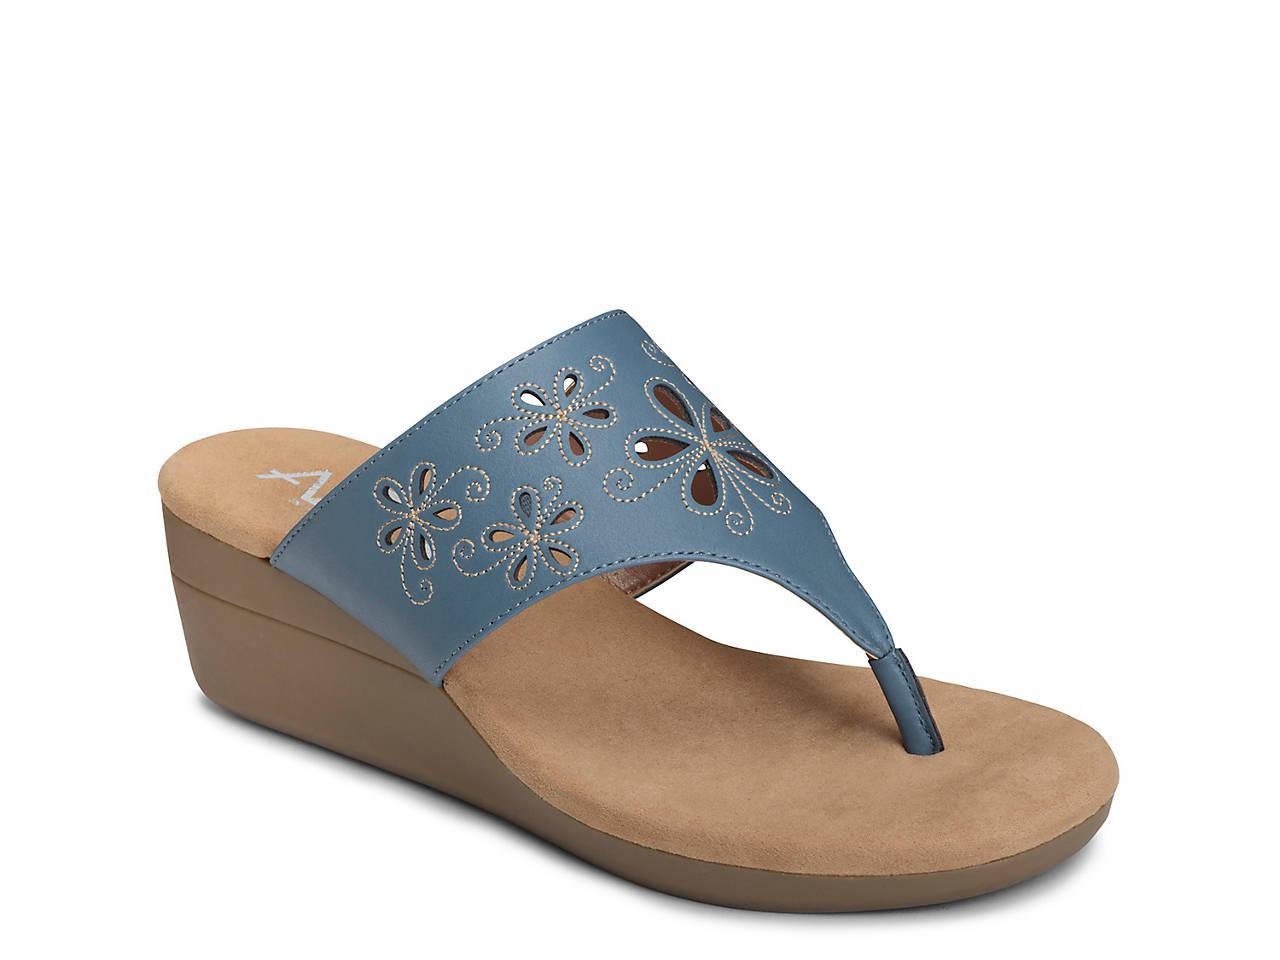 5f9b30a8e940 A2 by Aerosoles Air Flow Wedge Sandal Women s Shoes